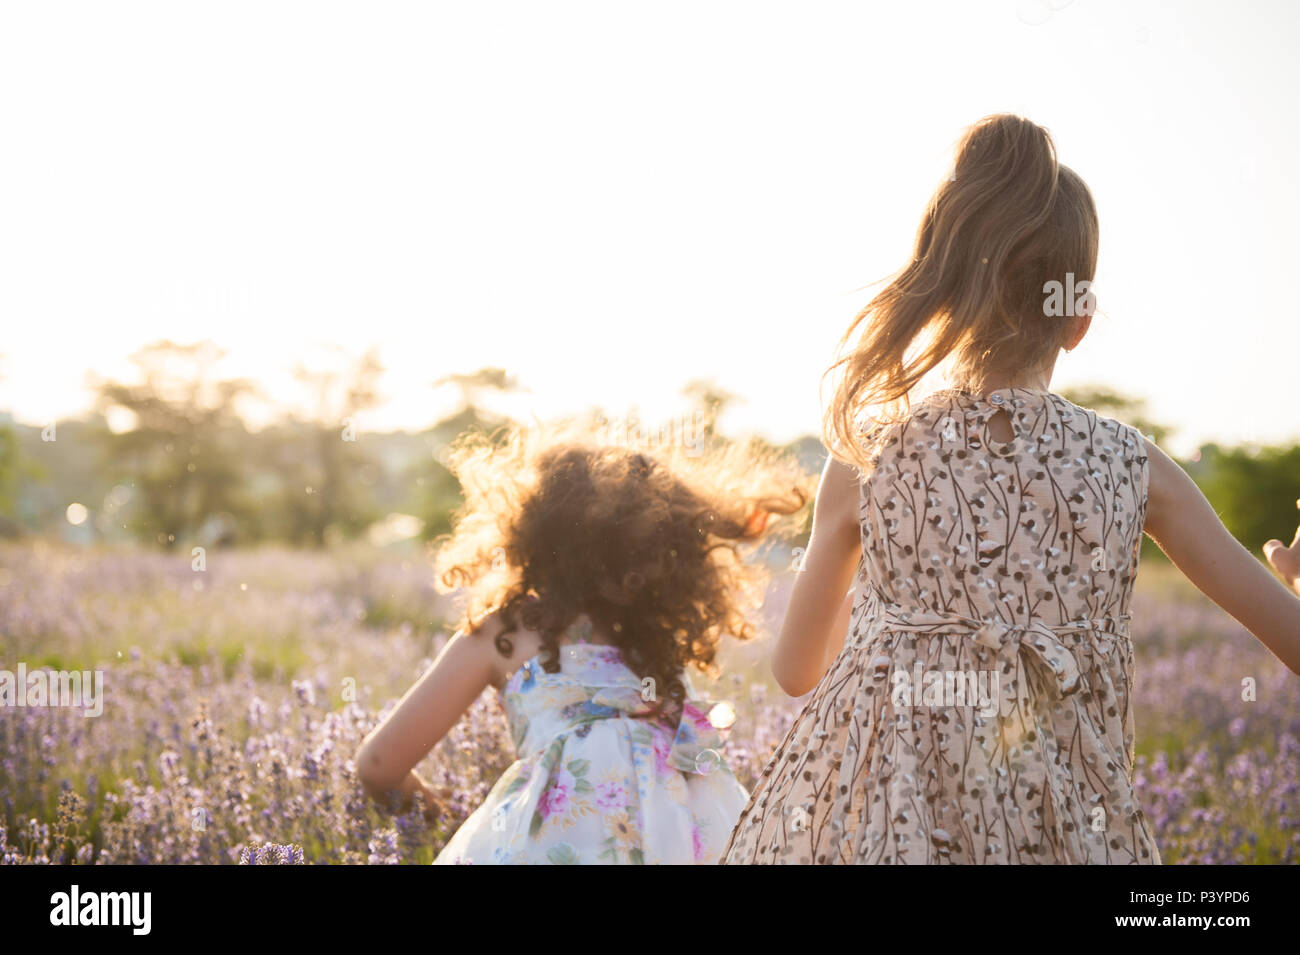 Due giocoso le piccole bambine in abiti tra campo di lavanda play bolle di sapone Immagini Stock